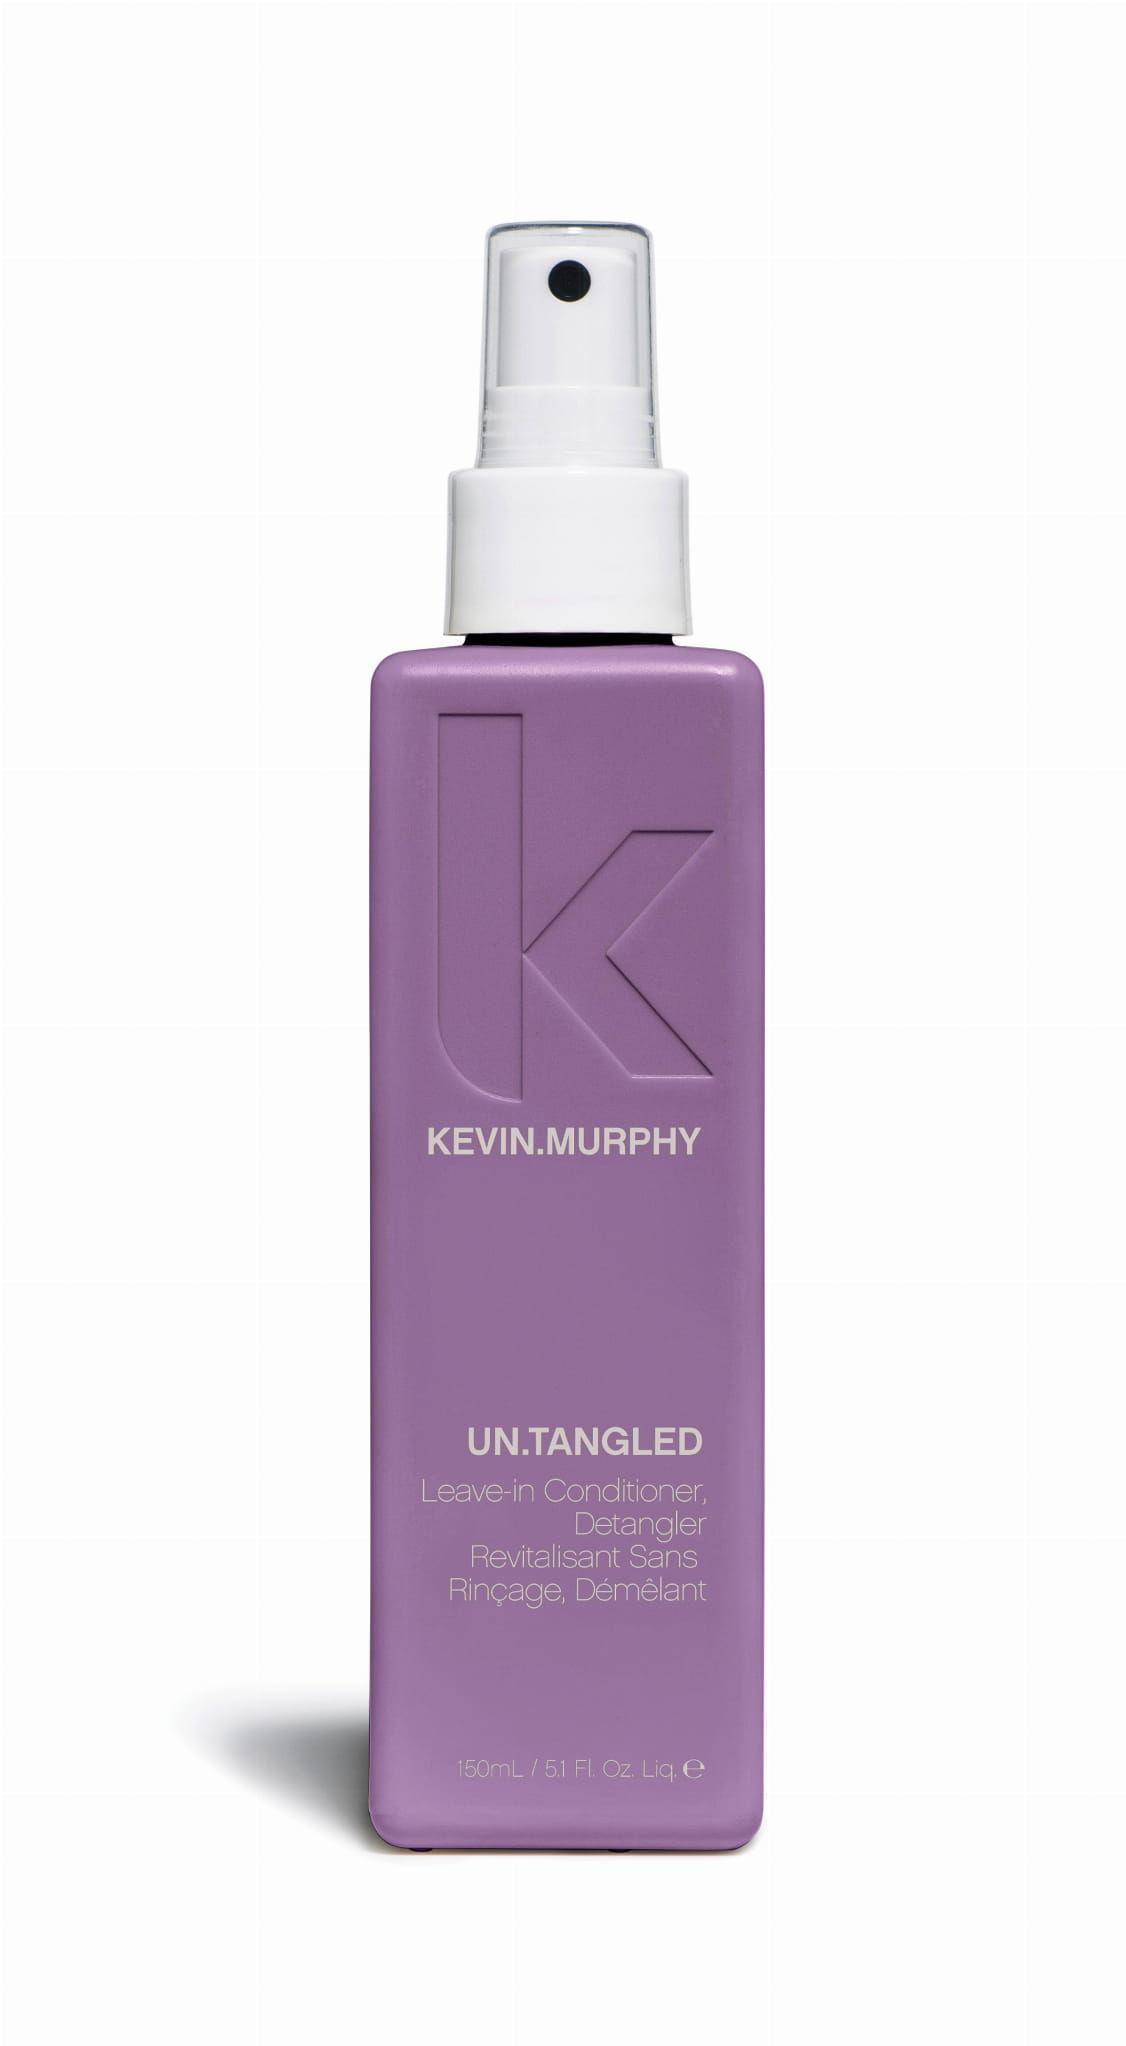 Kevin Murphy Un.Tangled Kuracja Ułatwiająca Rozczesywanie Włosów 150ml